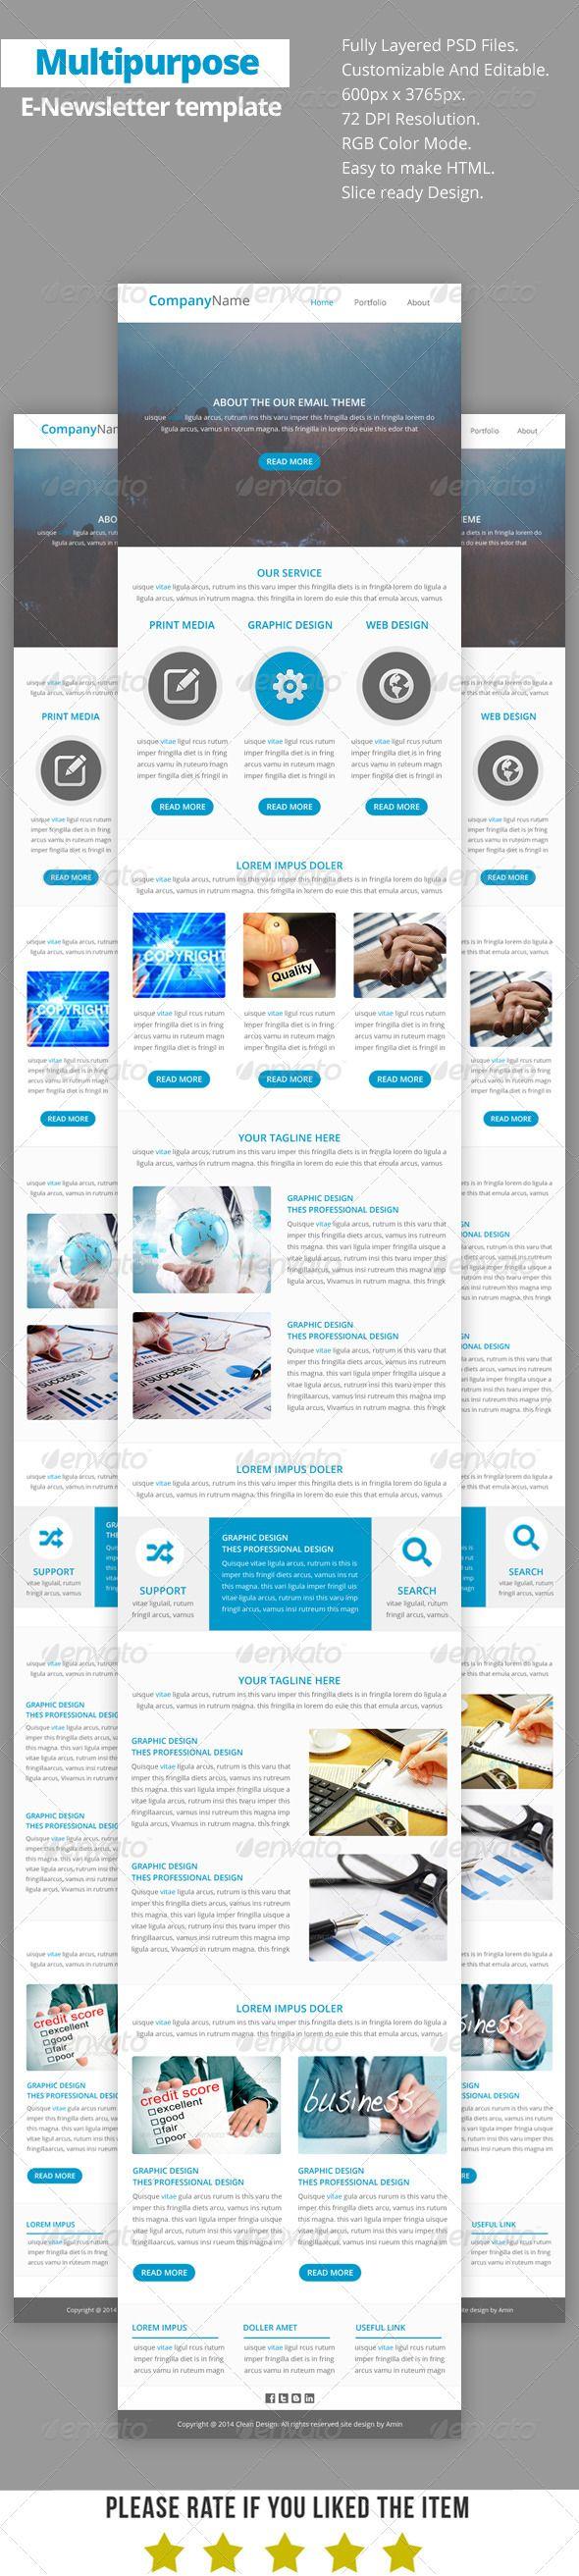 Multipurpose ENewsletter Template V Newsletter Templates - Good newsletter templates